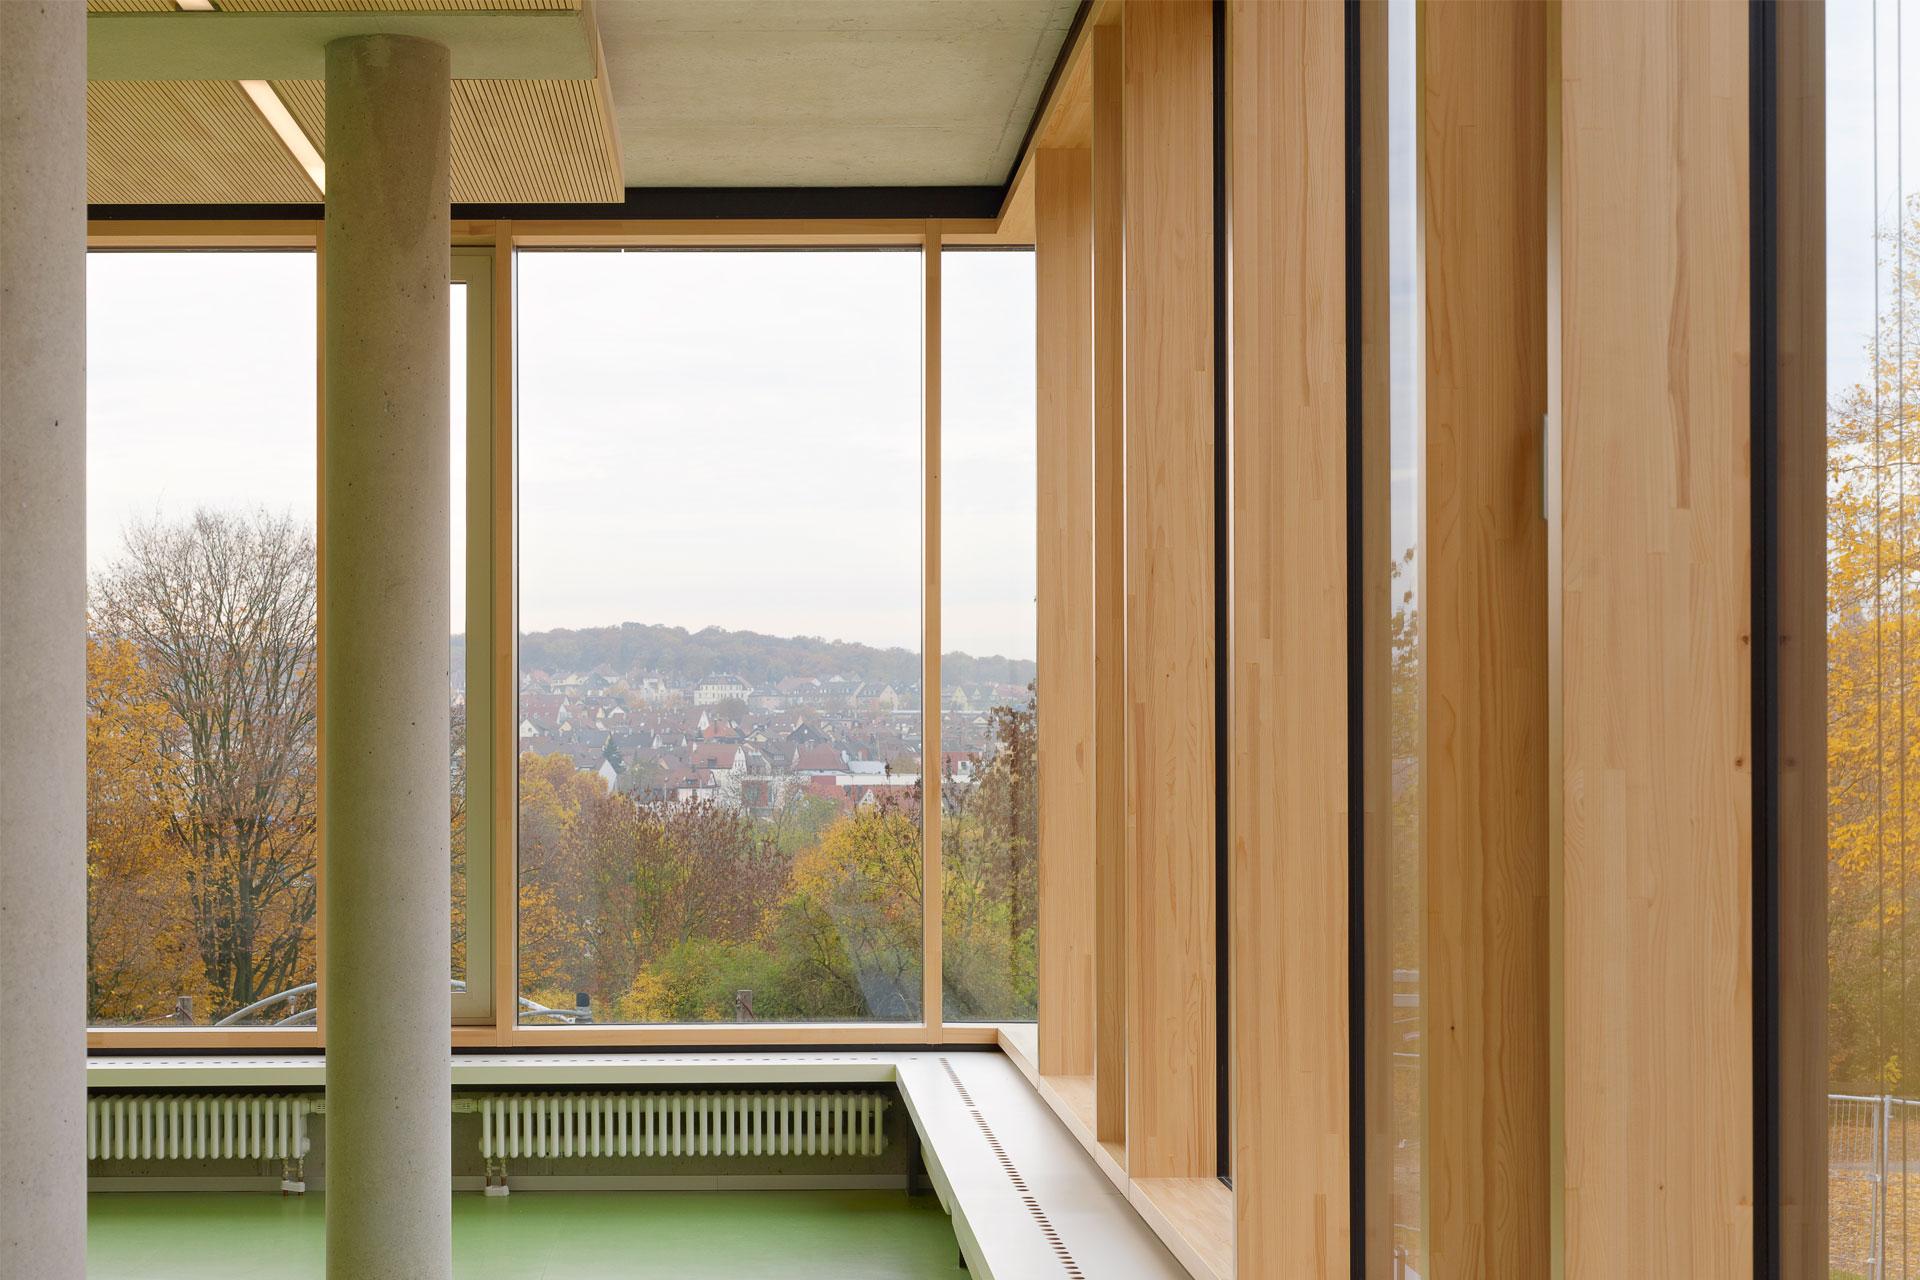 Architekt, Schülermensa, Holz-Alu Pfosten Riegel